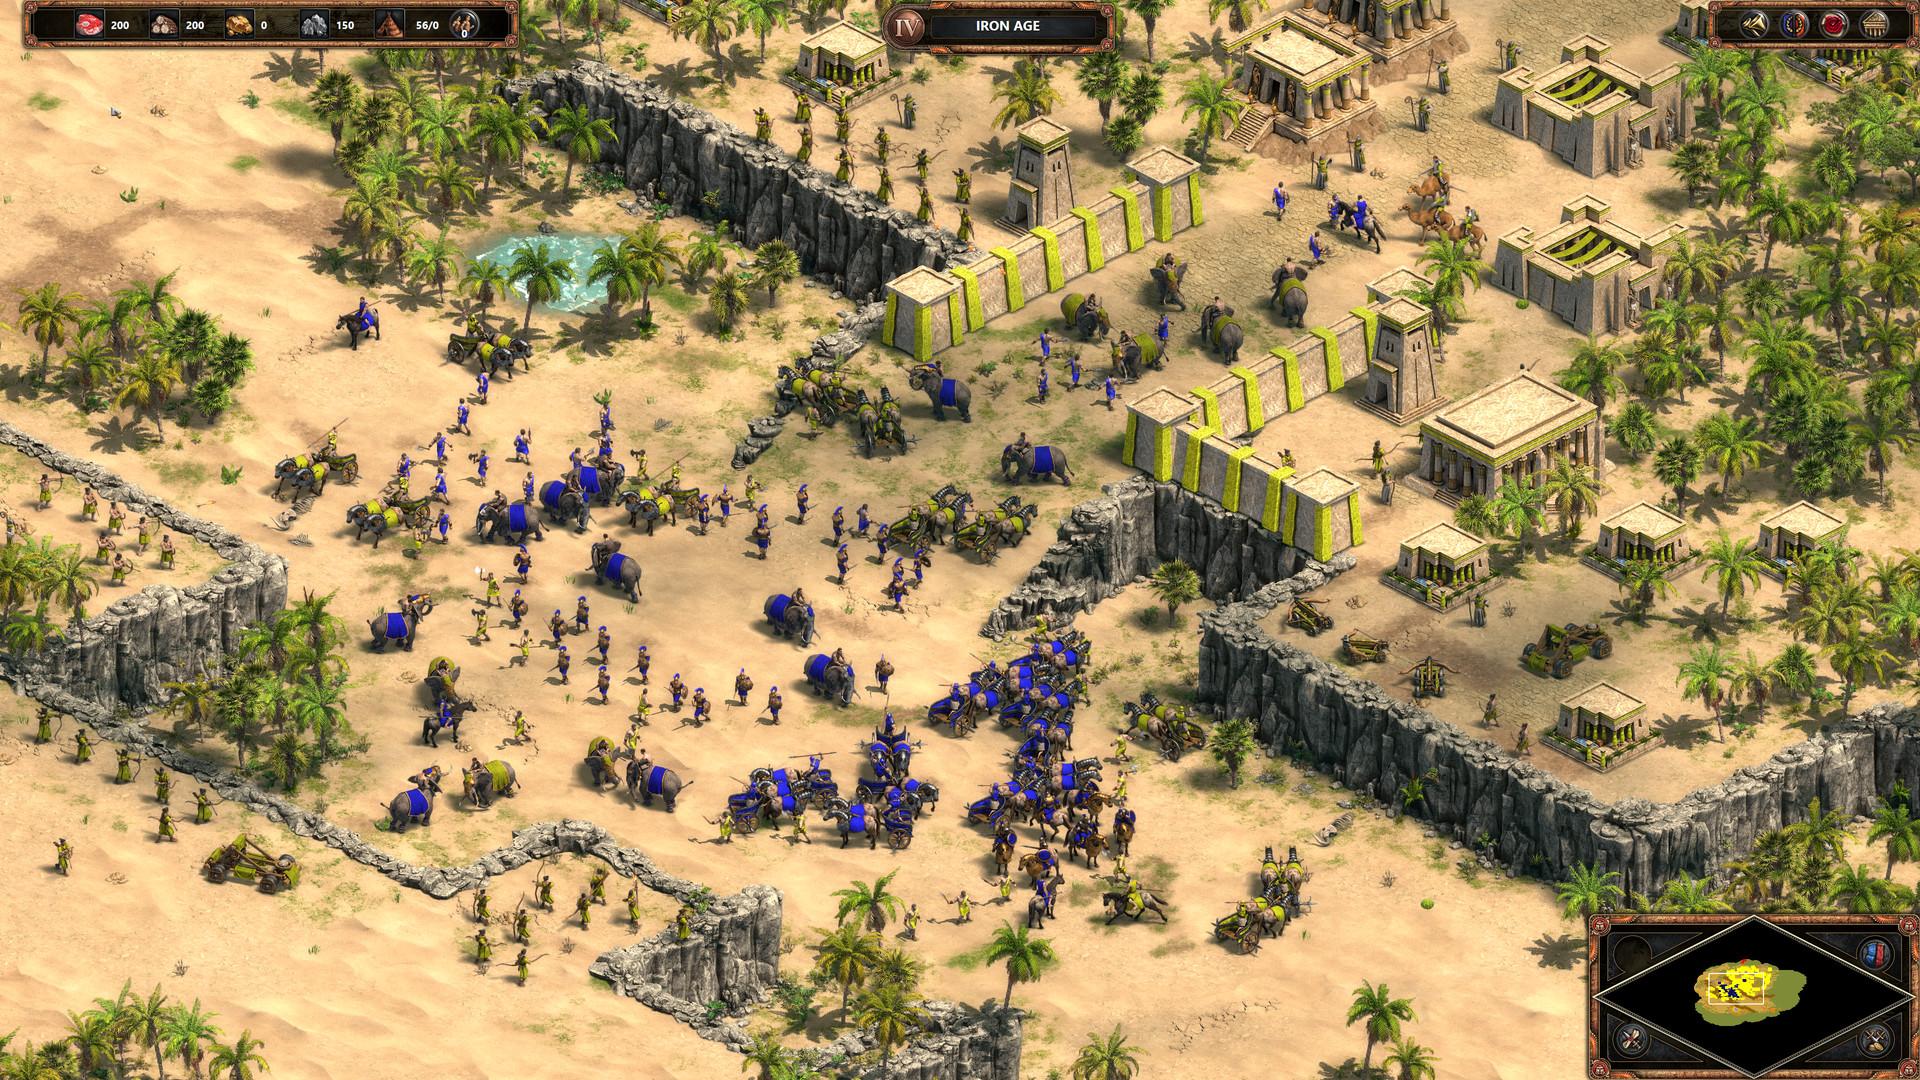 帝国时代:终极版插图2